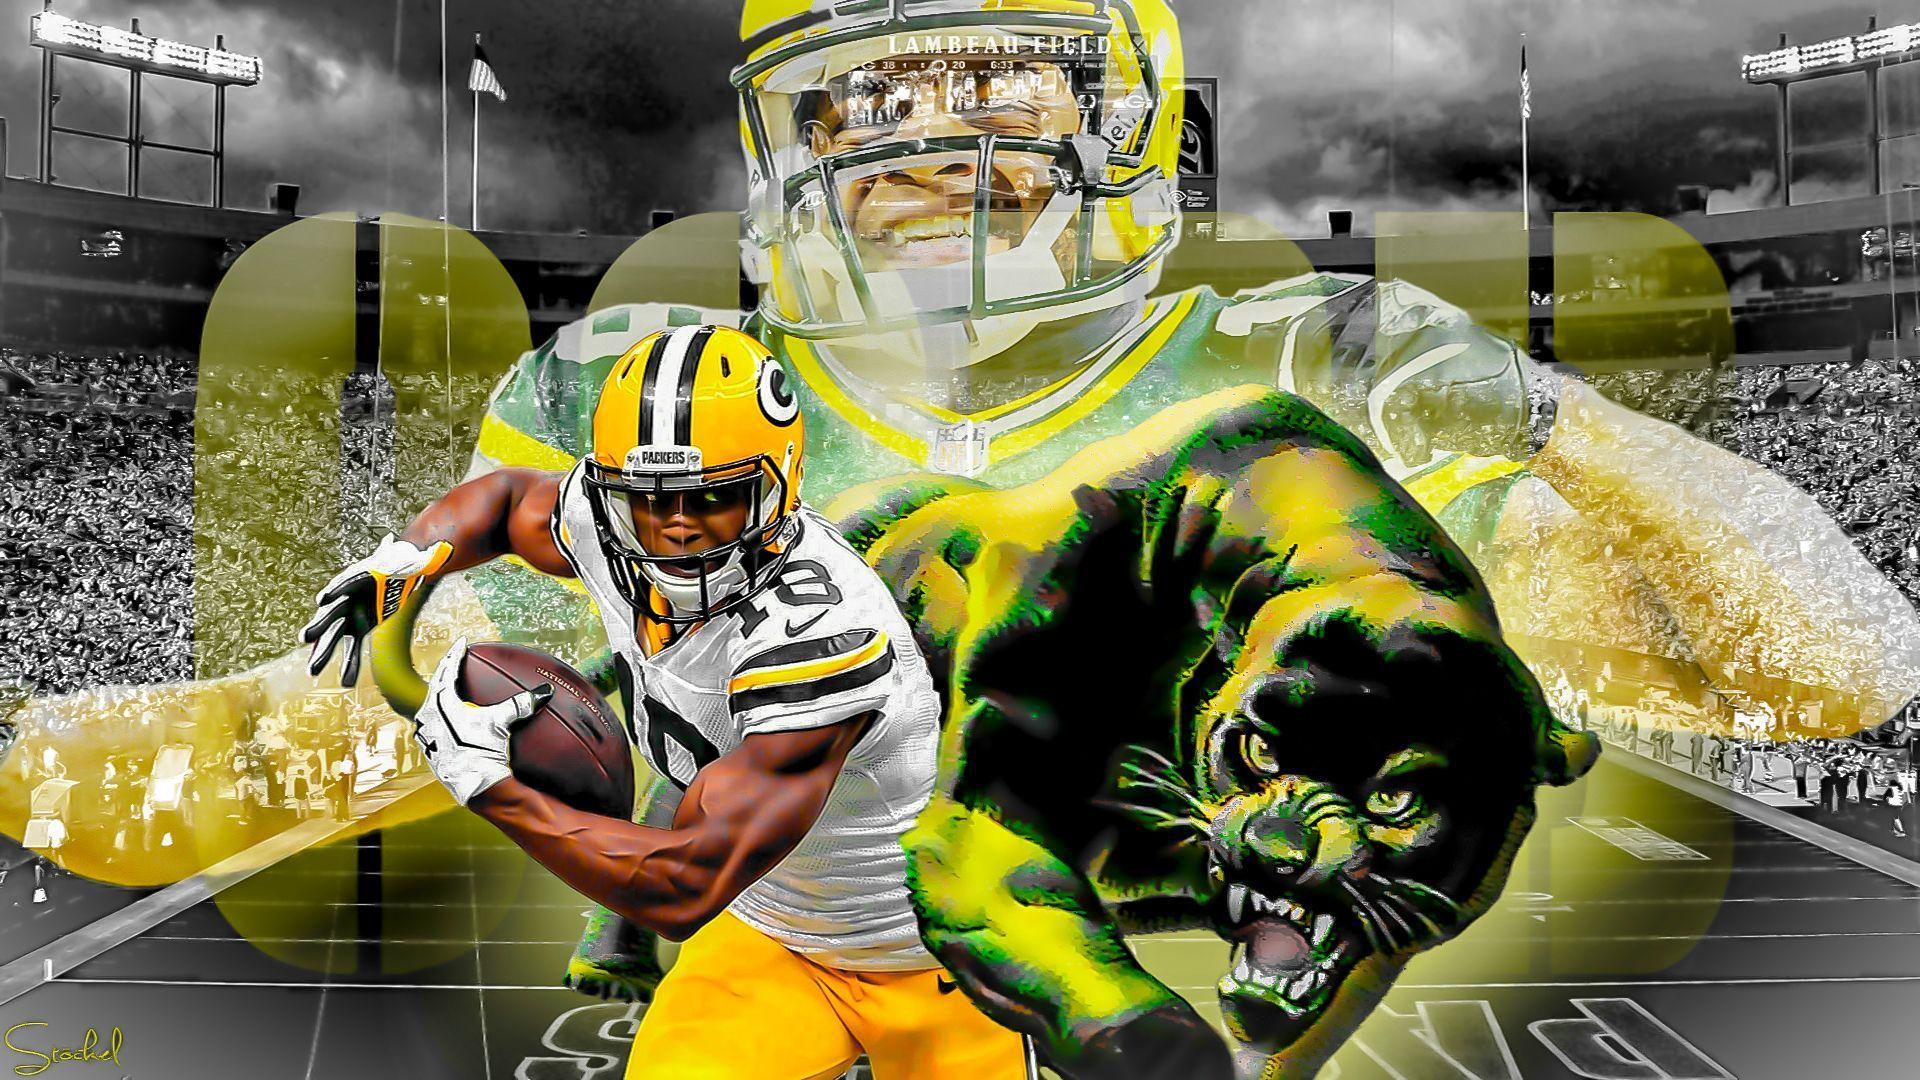 Randall Cobb Wallpaper Packers Wallpaper, Best wallpaper